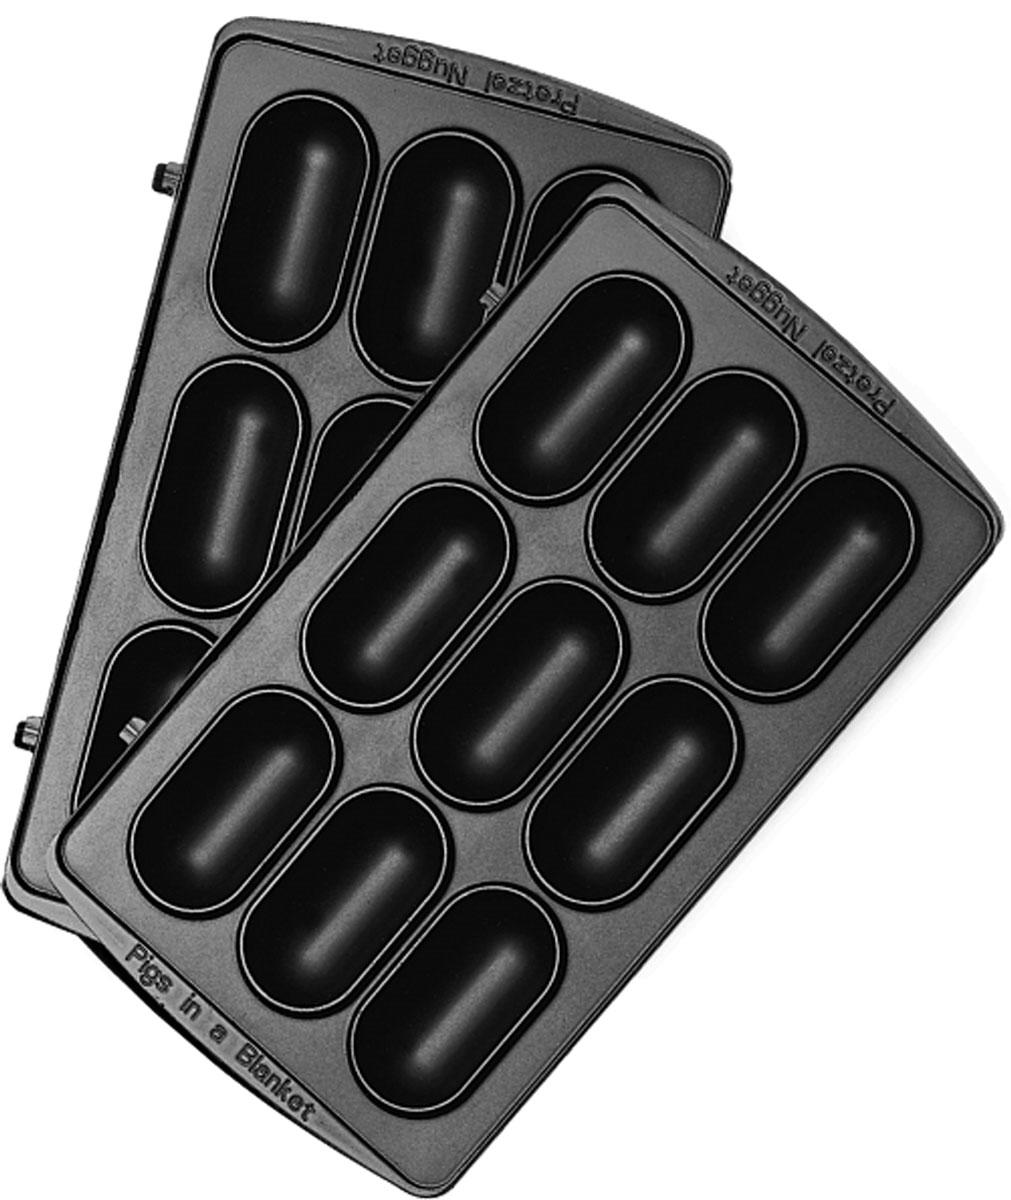 Redmond RAMB-09 панель для мультипекаряRAMB-09Универсальные съемные панели для любого мультипекаря Redmond! С их помощью легко сделать печенье с любой начинкой или топпингами, бисквиты, пряники, а также – небольшие котлетки. Панели изготовлены из металла с антипригарным покрытием – они долговечны и легки в уходе. Подходит для использования в мультипекарях Redmond: RMB-M600, RMB-M601, RMB-M602, RMB-M603, RMBM604, RMB-M605, RMB-M606, RMB- M607, RMB-M608, RMB-M609, RMB-M610, RMB-611.